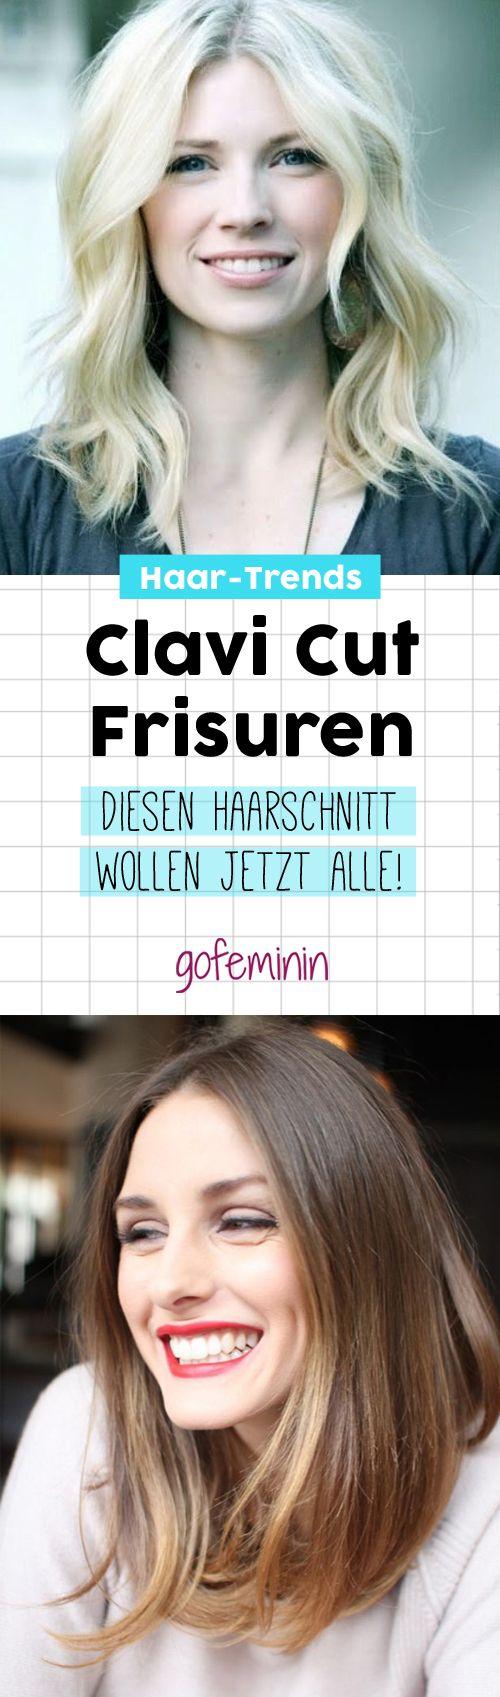 Clavi Cut: Das sind die schönsten Schnitte und Farben!